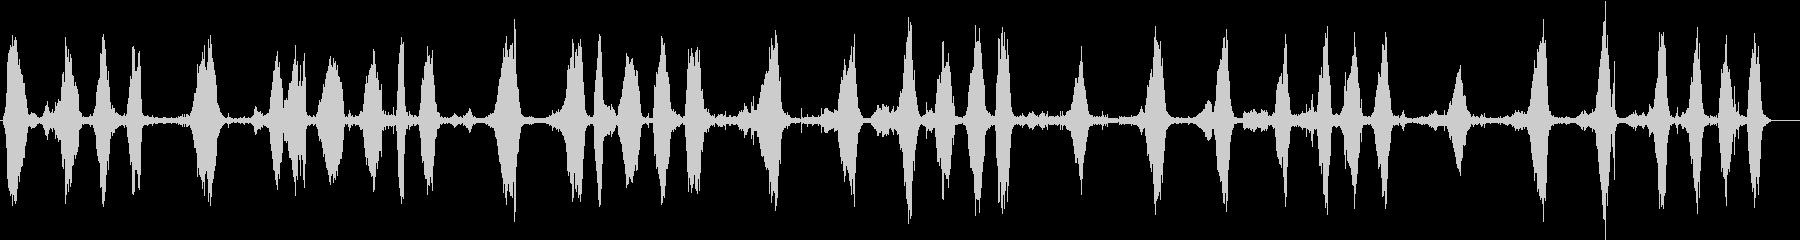 クジラ、ザトウクジラの鳴き声、歌。...の未再生の波形